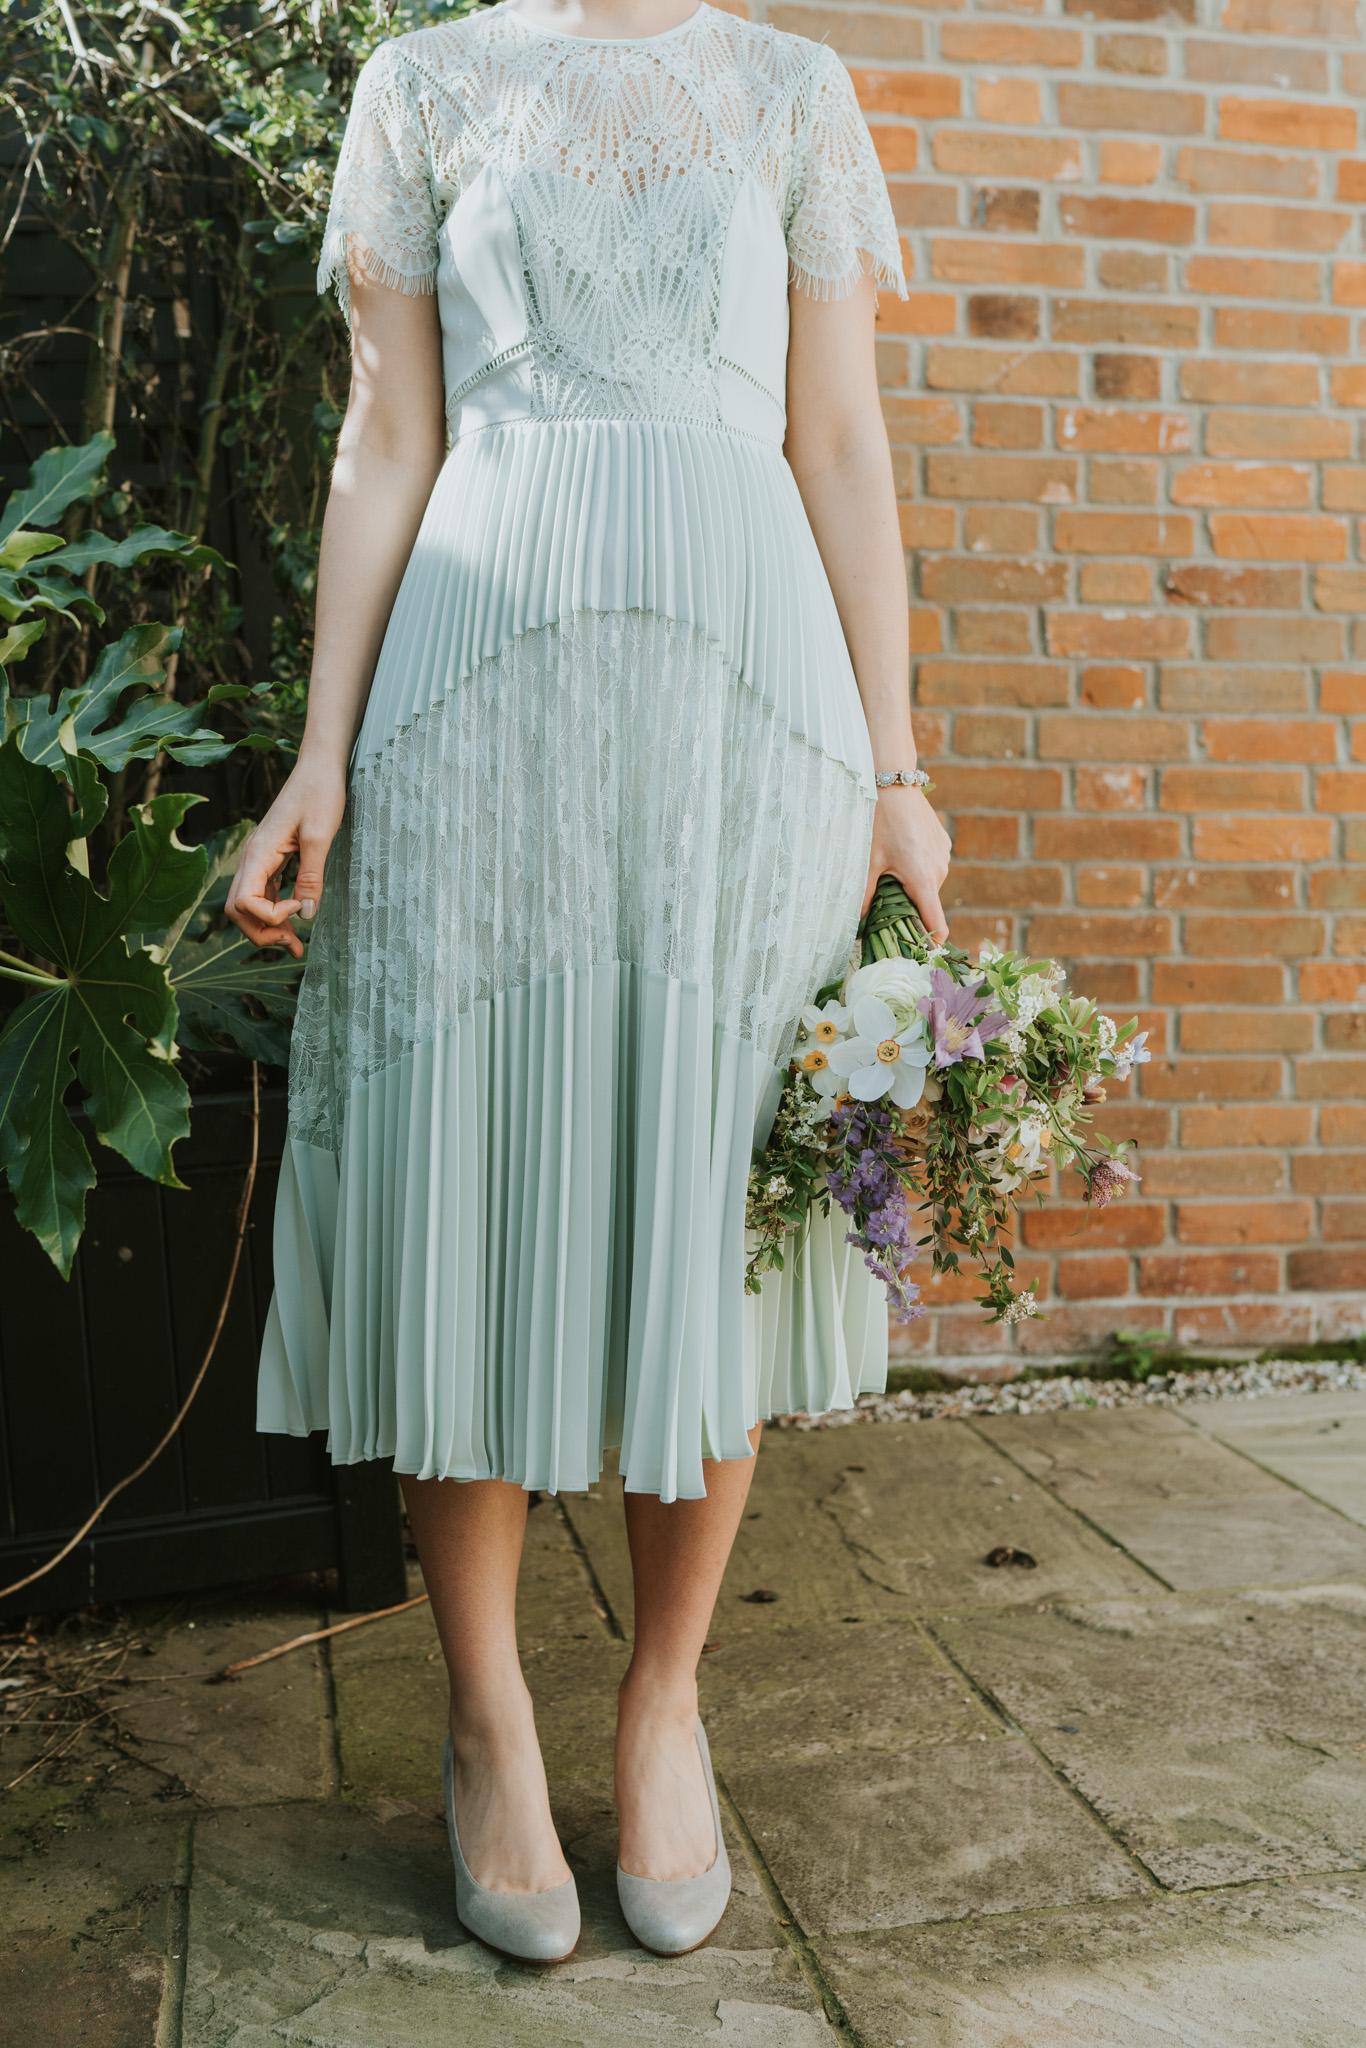 Will-Rhiannon-Art-Deco-Alterative-Essex-Wedding-Suffolk-Grace-Elizabeth-23.jpg